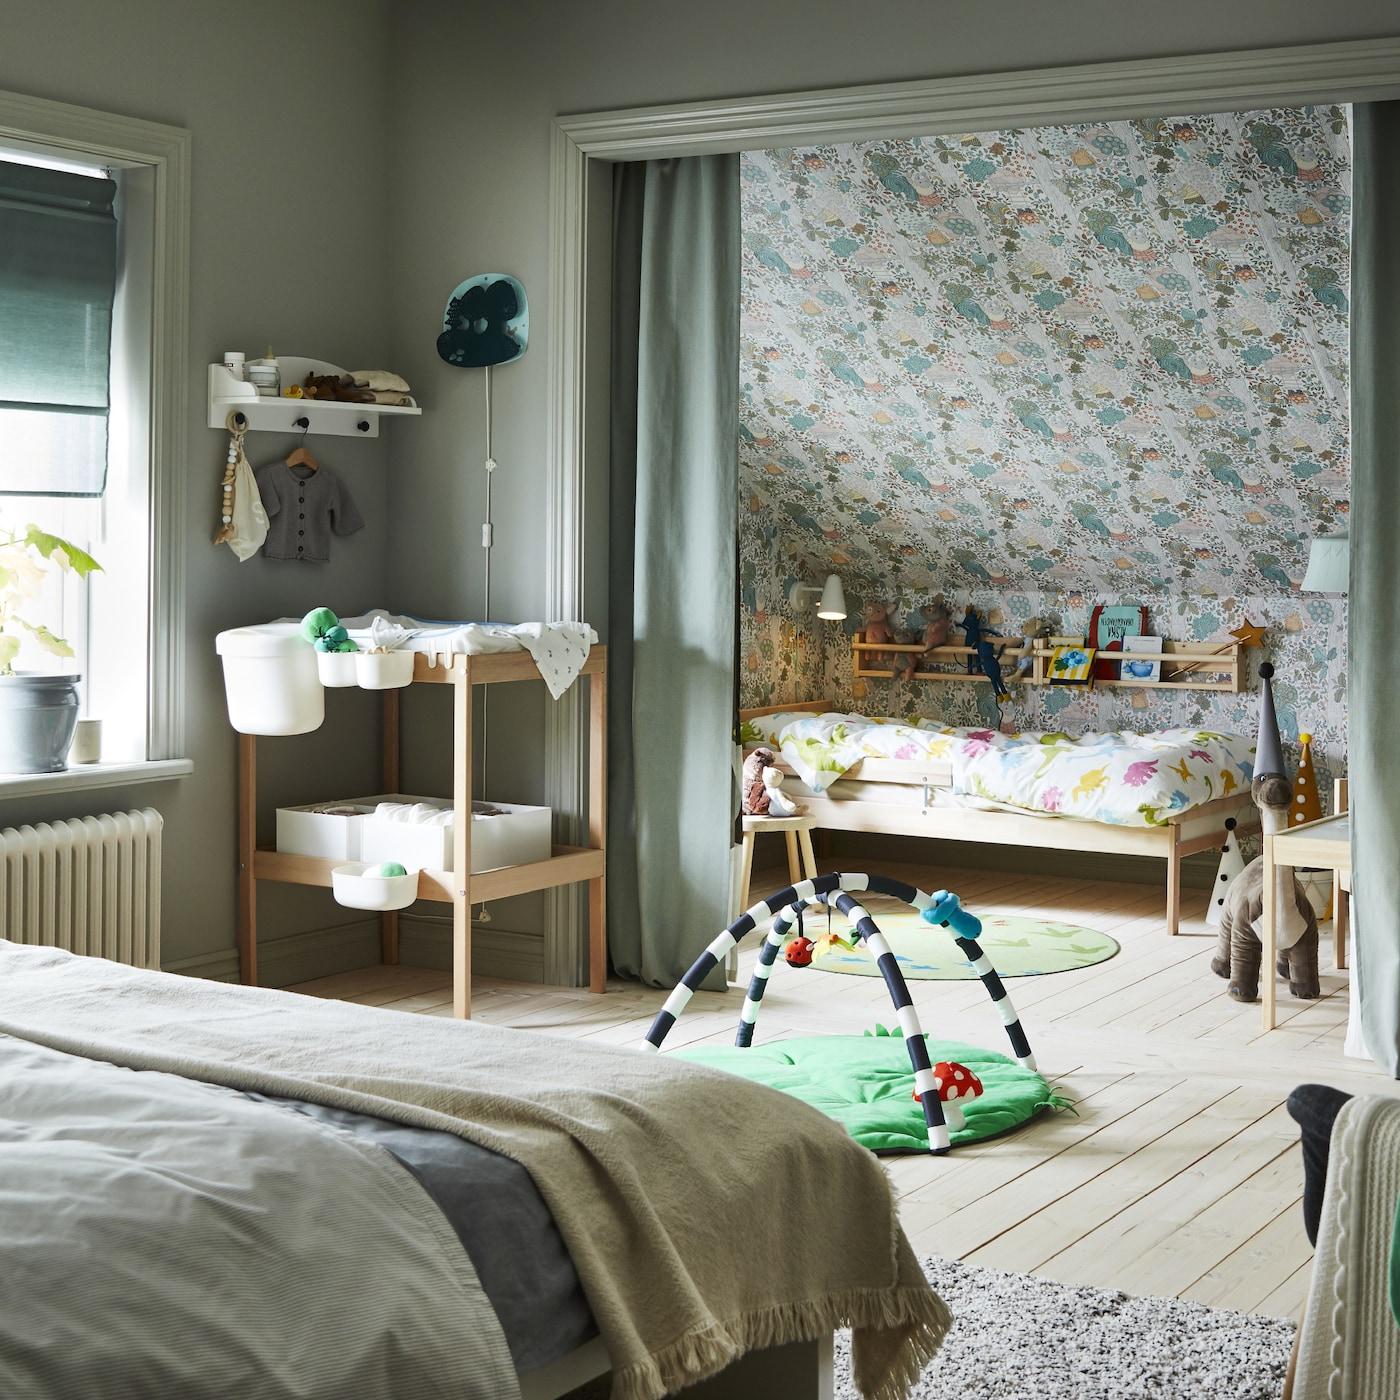 Une chambre à coucher avec un lit double, une table à langer et des accessoires pour bébé. Un lit bébé installé dans une alcôve derrière des rideaux verts.